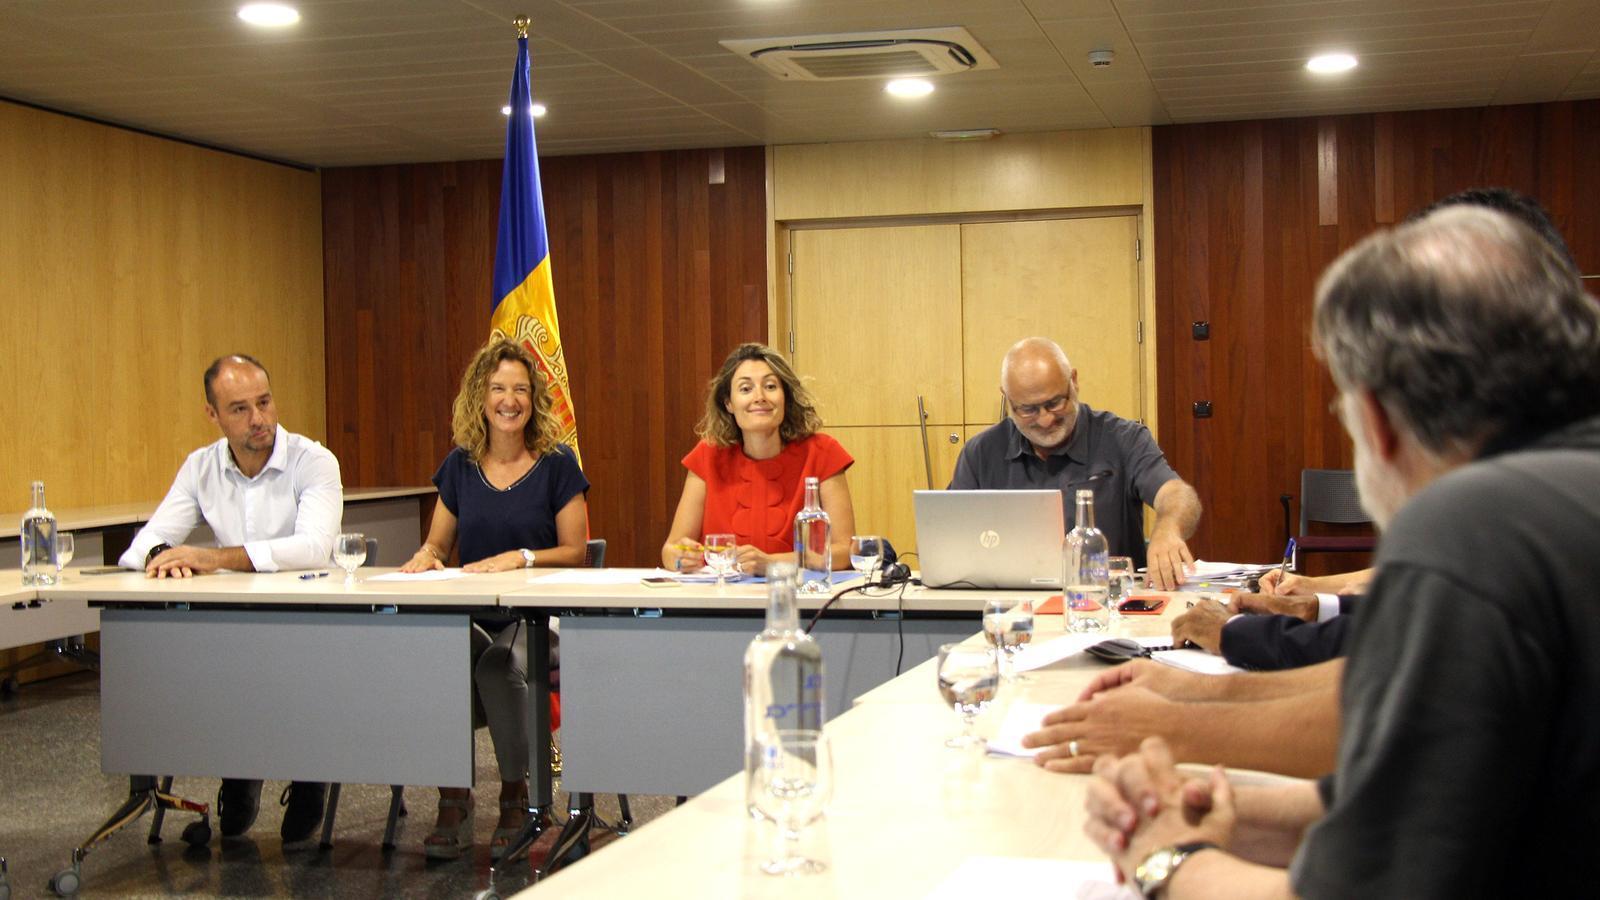 Un moment de la reunió de la Comissió de seguiment de la caça, celebrada aquest dilluns al migdia. / C. G. (ANA)